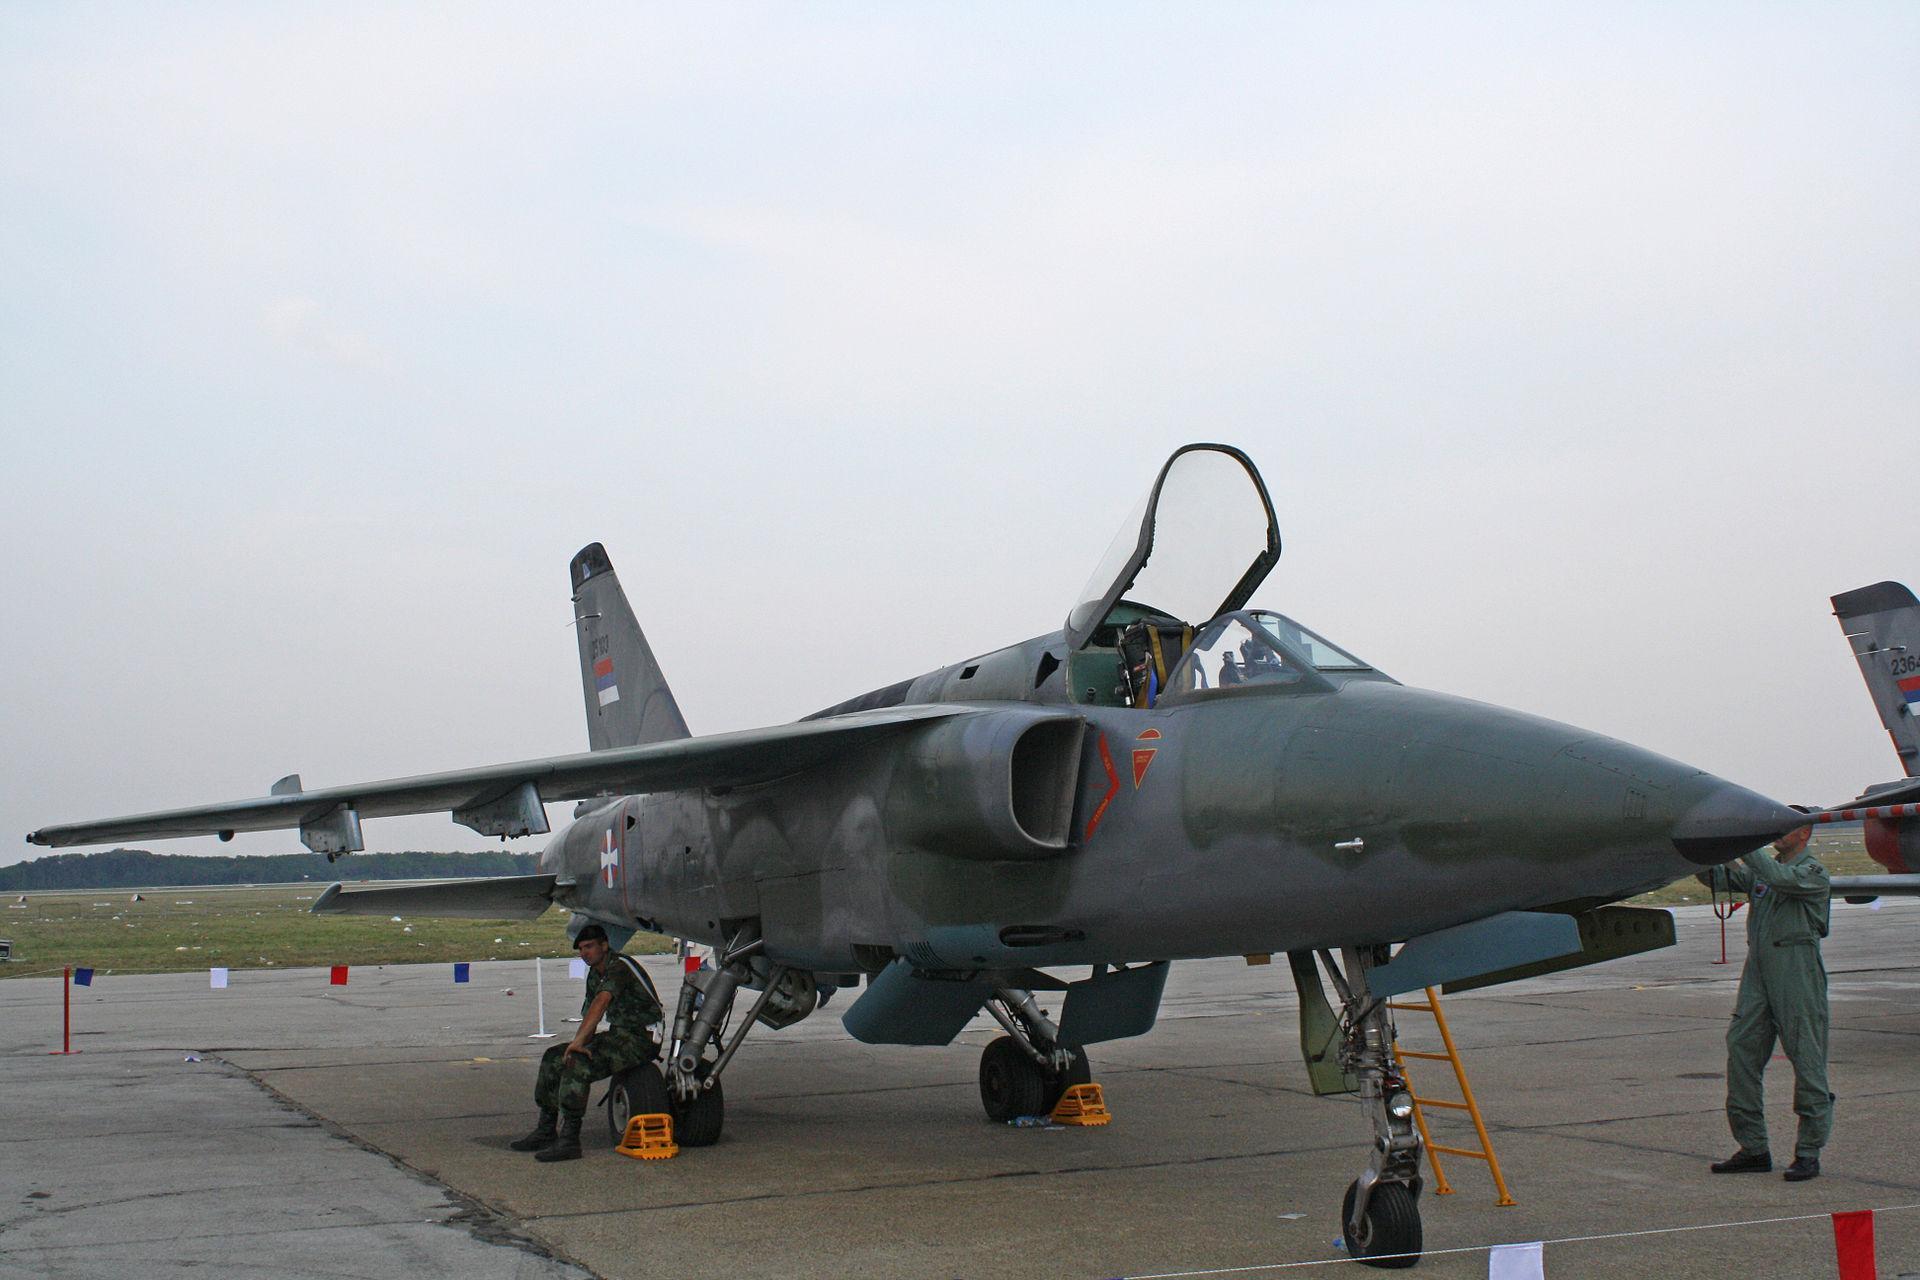 ВСербии потерпел крушение военный самолёт